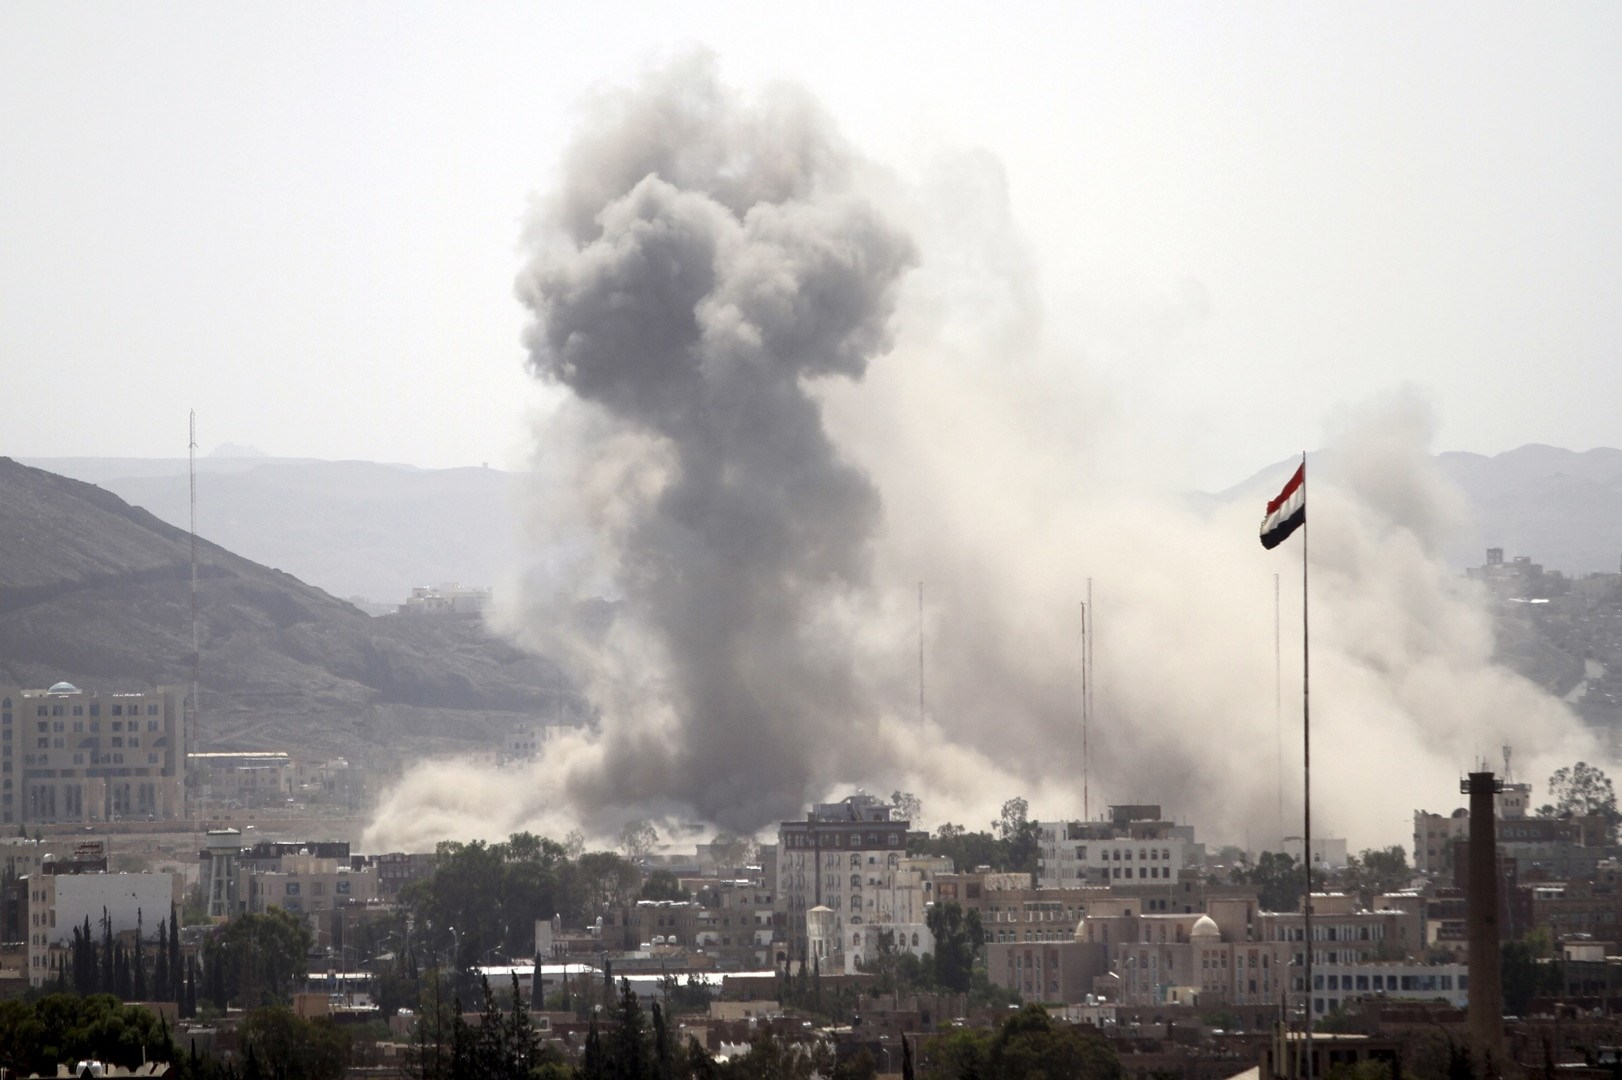 شنت طائرات التحالف السعودي 11 غارة استهدفت فيها طرقاً مؤدية إلى المعسكر